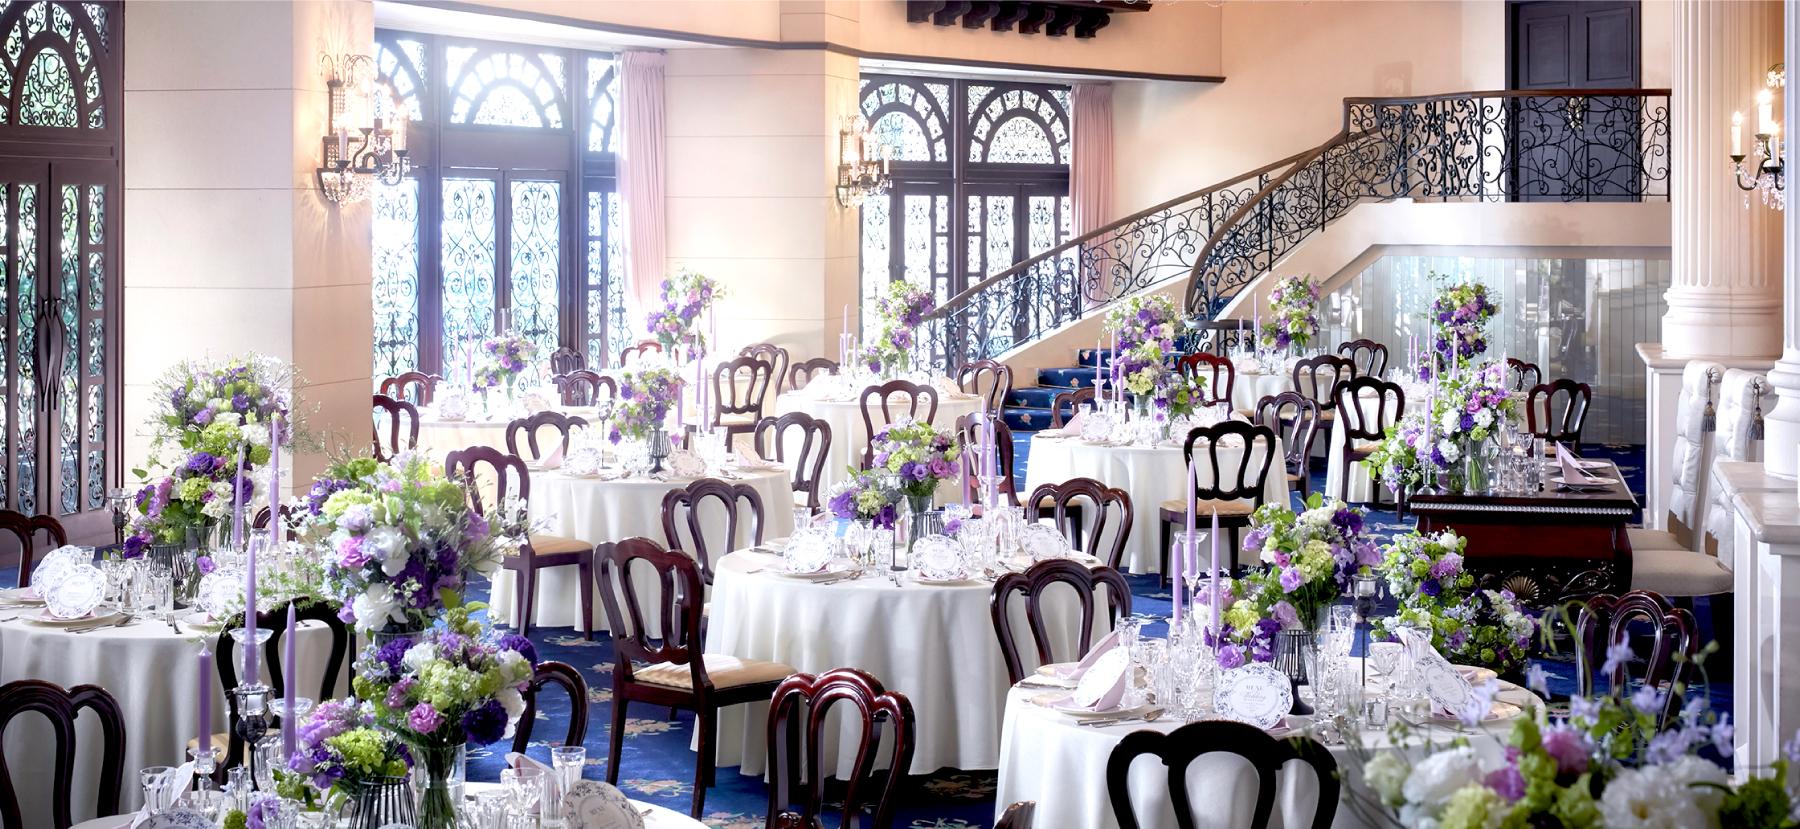 煌びやかなシャンデリアと上質なネイビーの絨毯が彩る ロマンチックな大人の空間